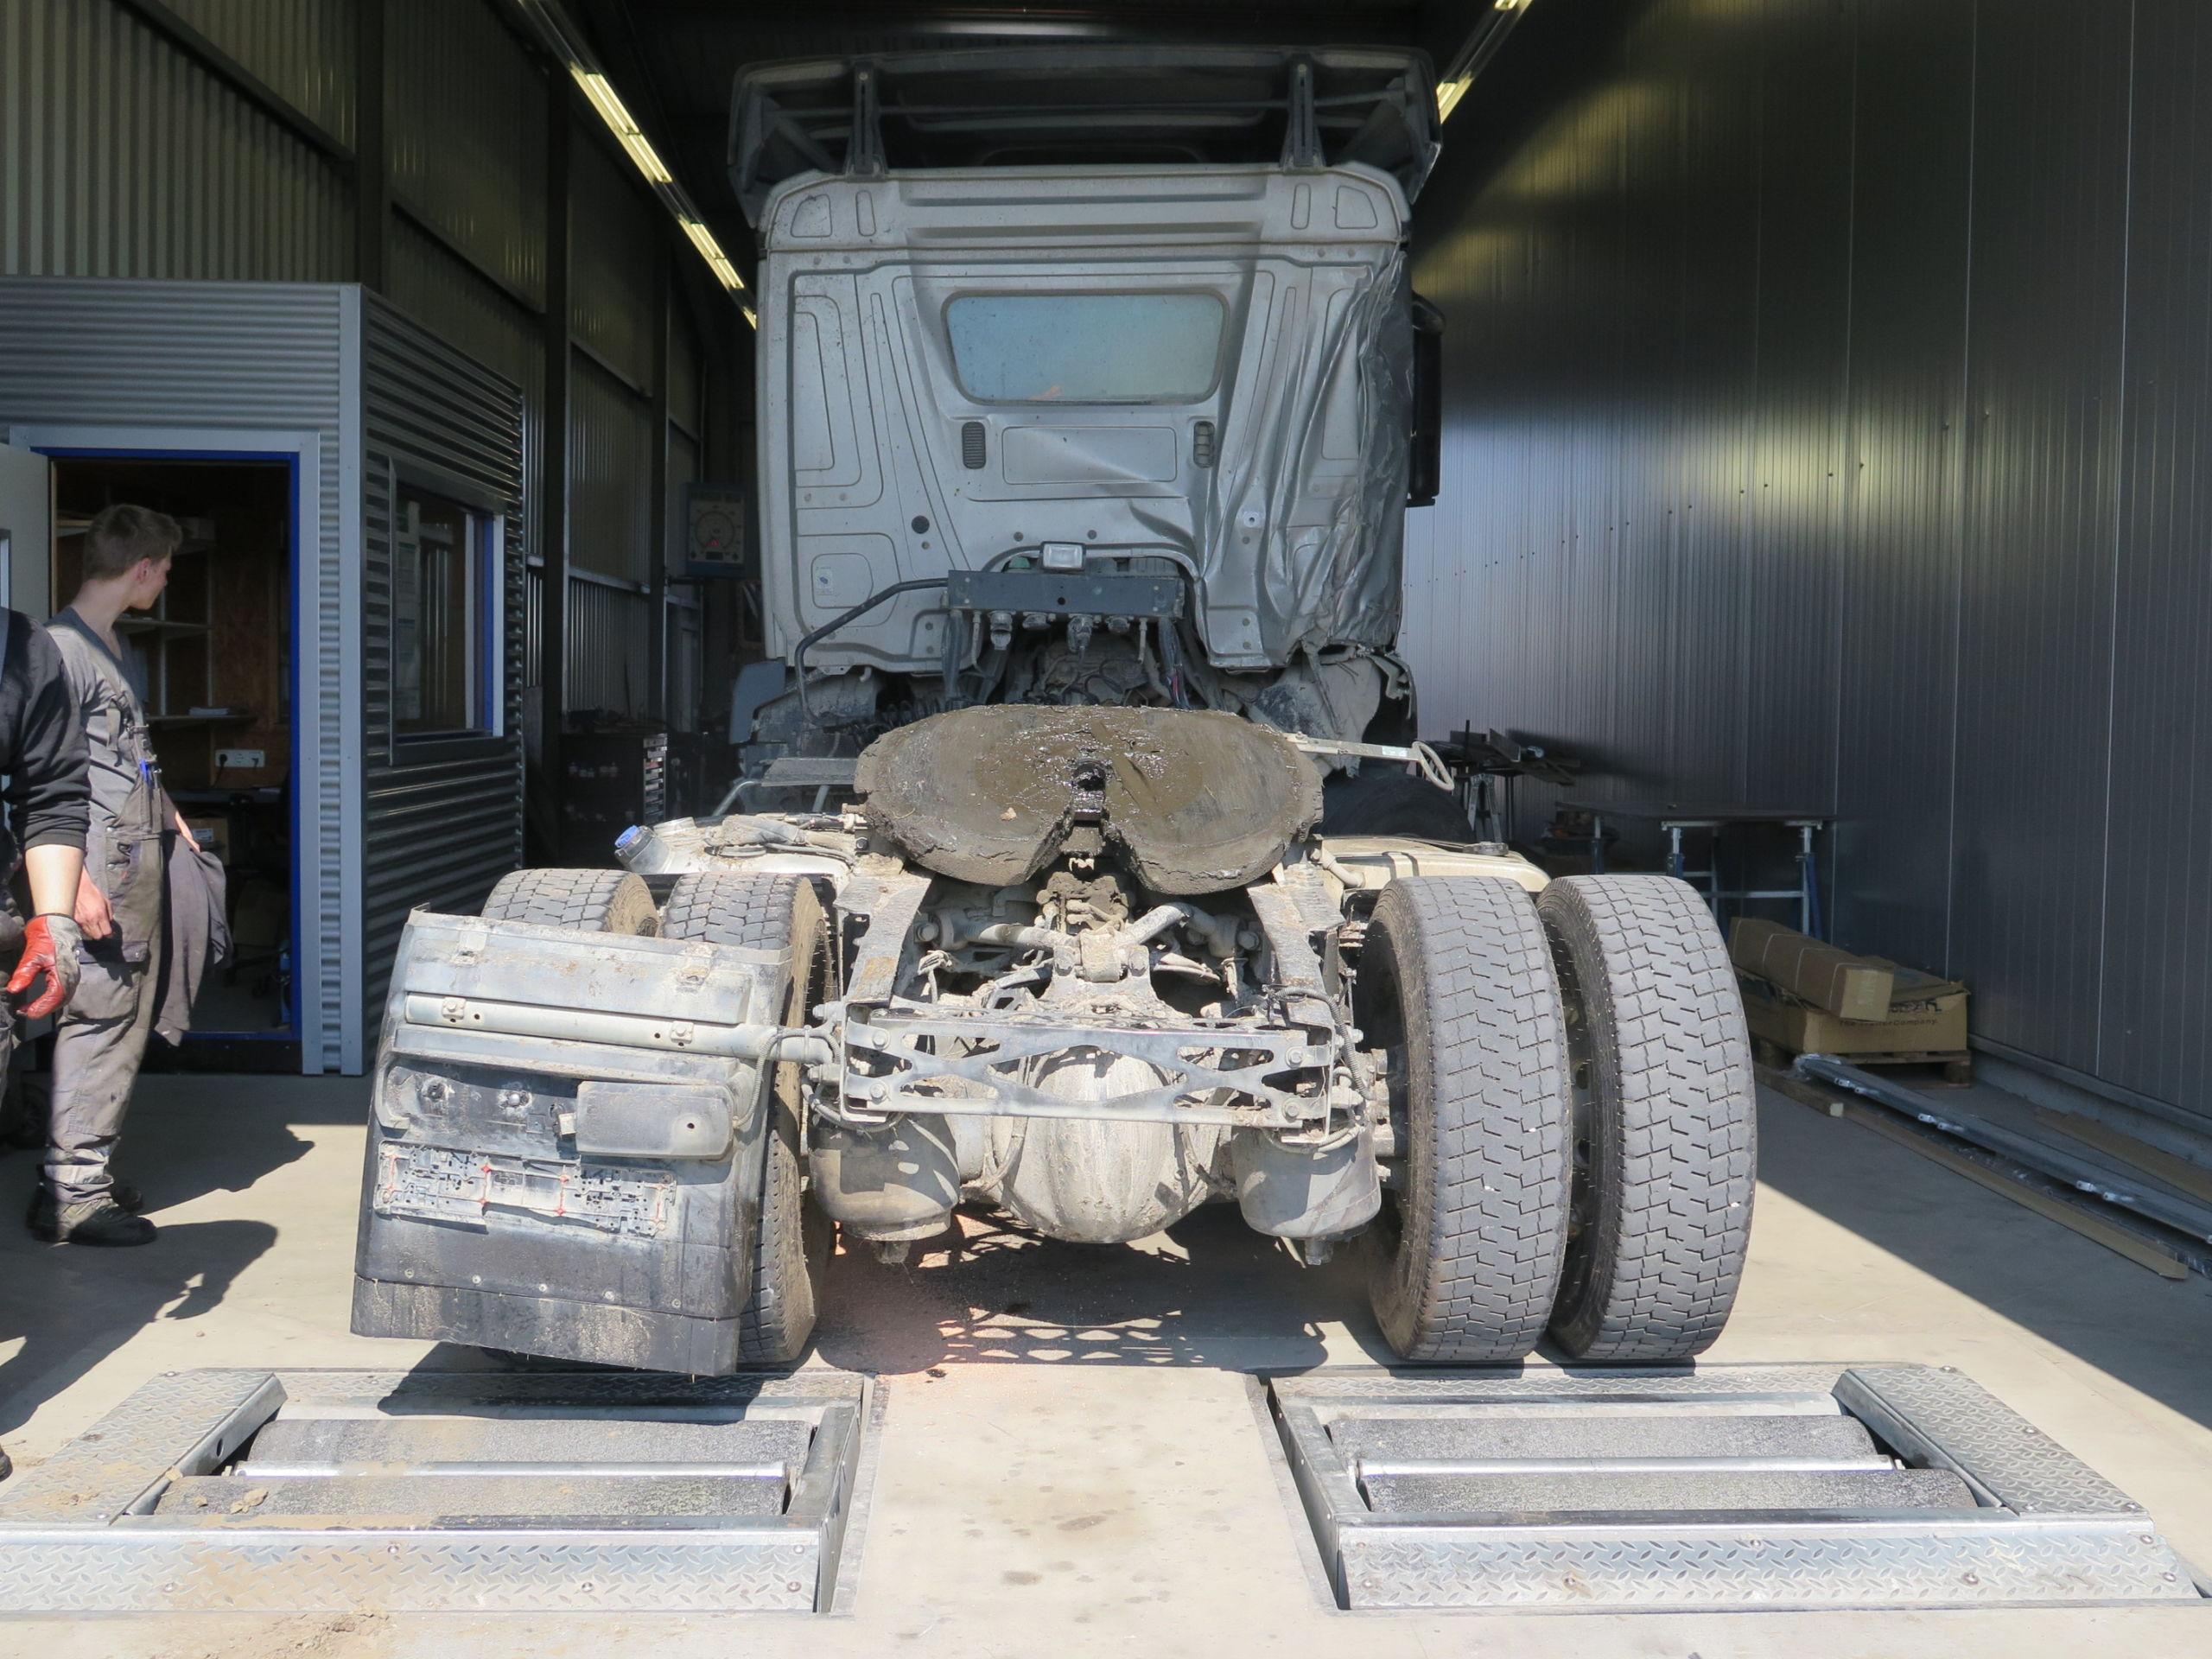 Verunfalltes Nutzfahrzeug auf dem Bremsenprüfstand